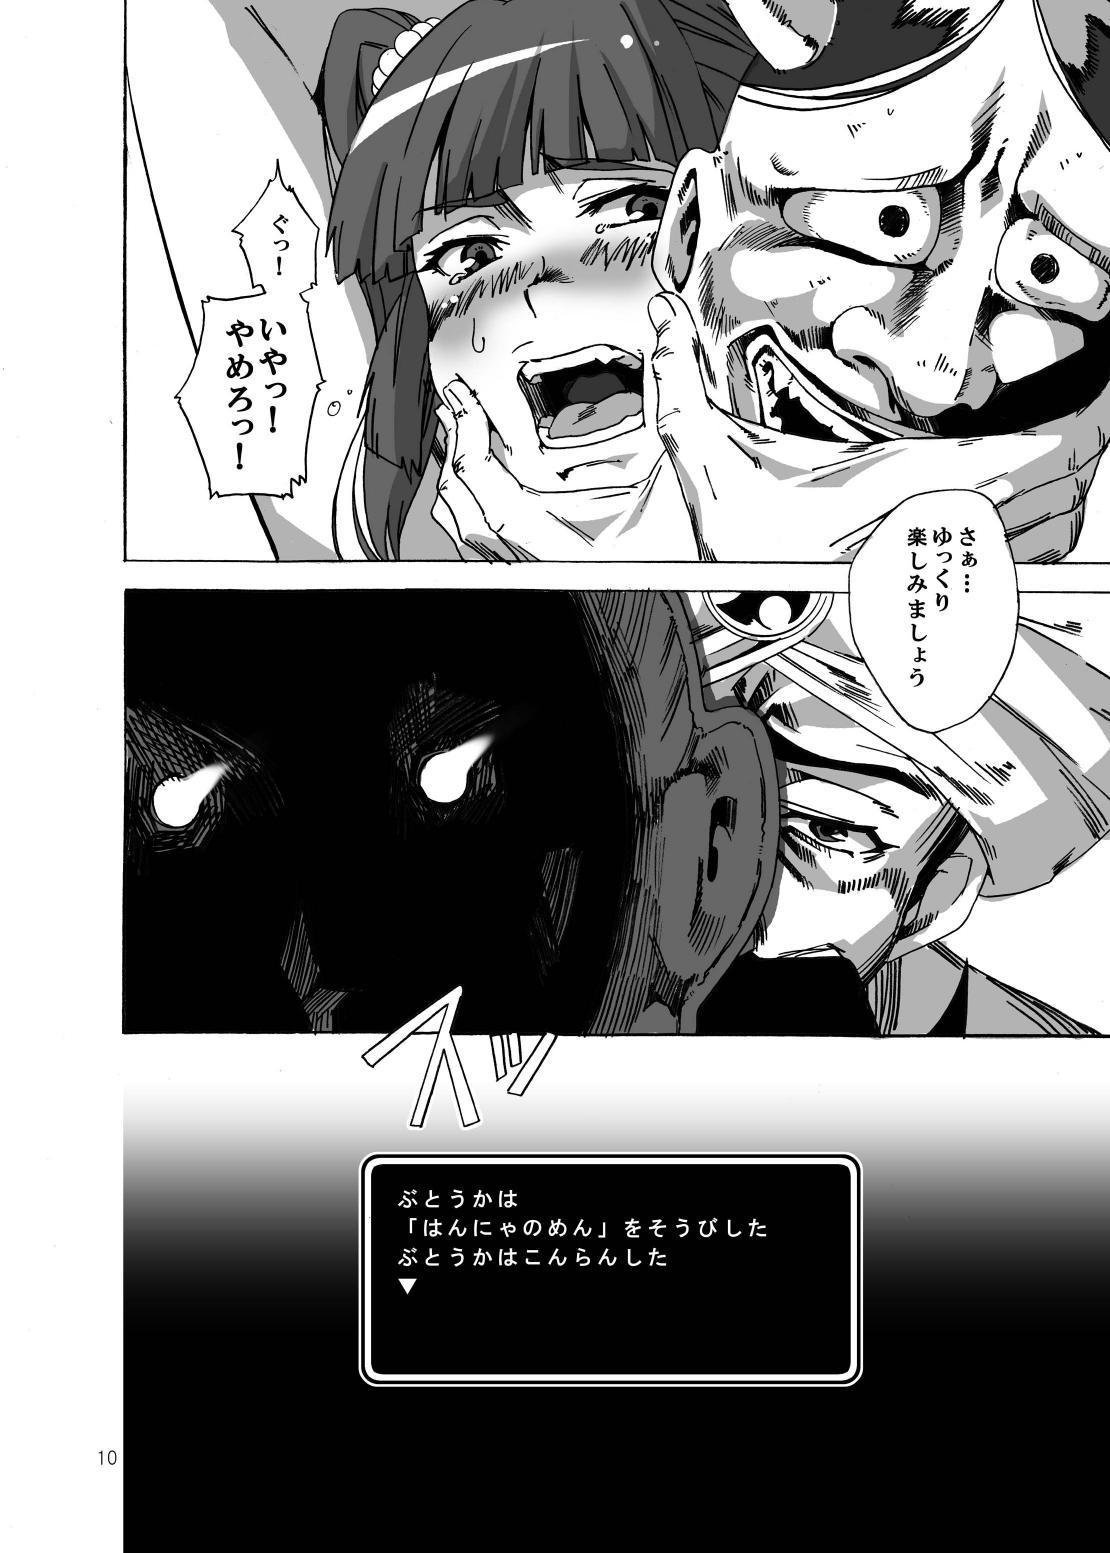 Nakamauchi 9